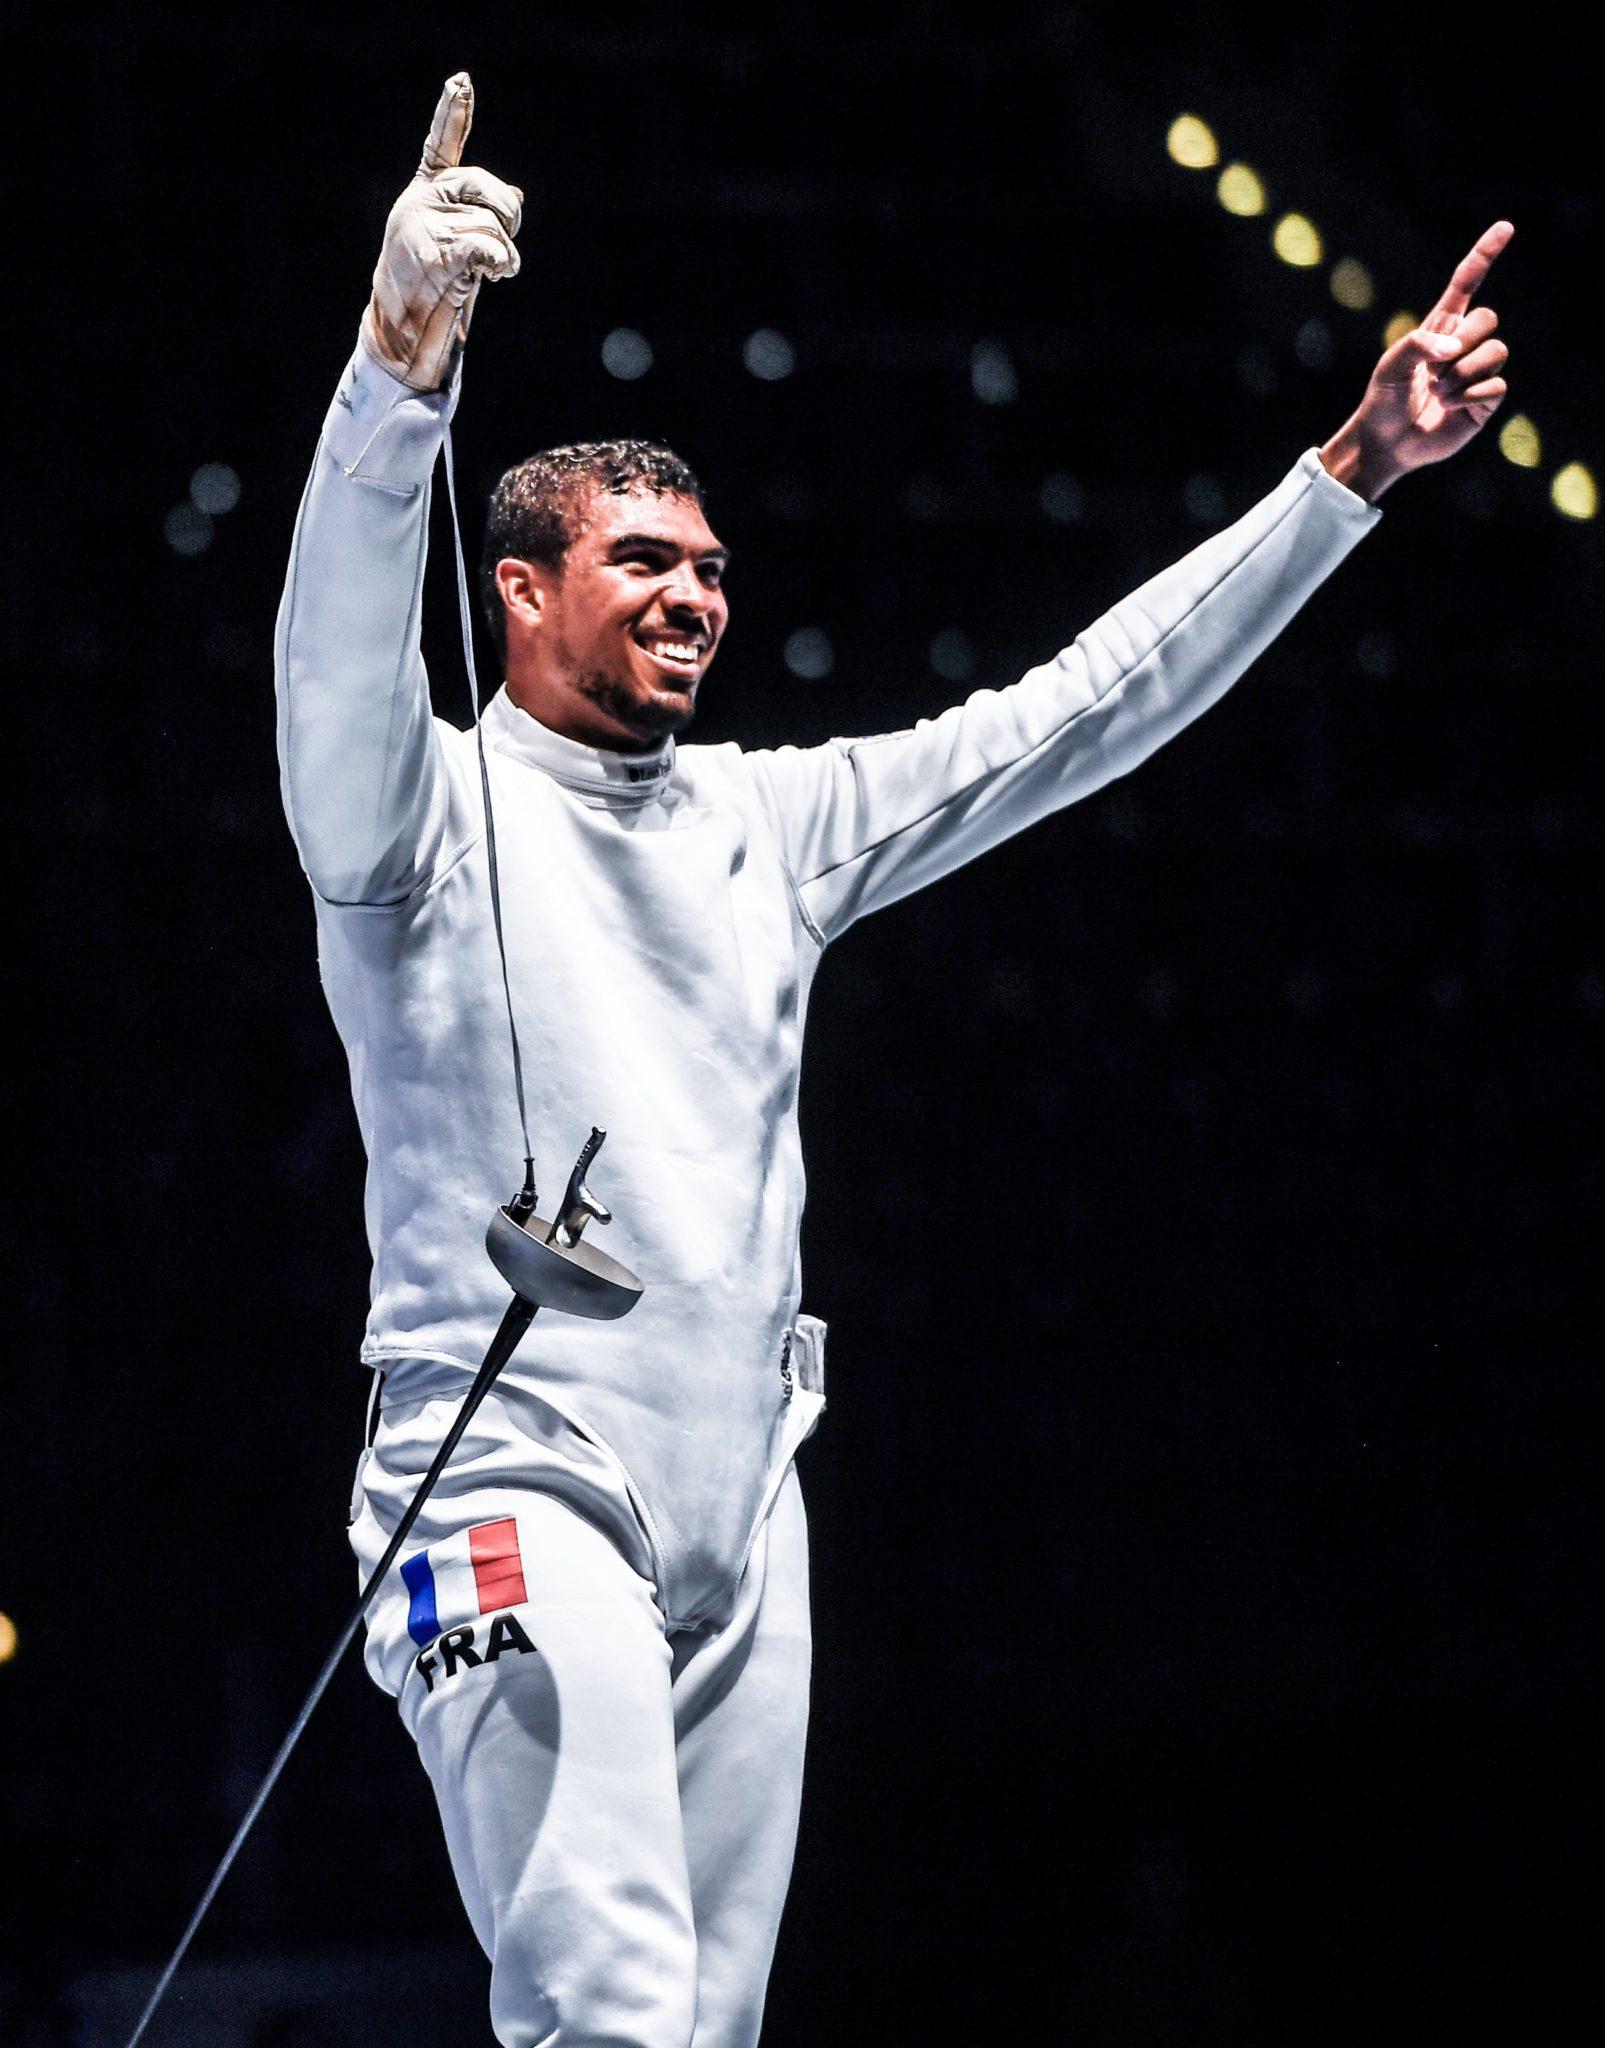 Francuz świętuje zwycięstwo w finale ze Szwajcarem, na Mistrzostwach Świata w Szermierce w Lipsku, fot: Filip Singer, PAP/EPA